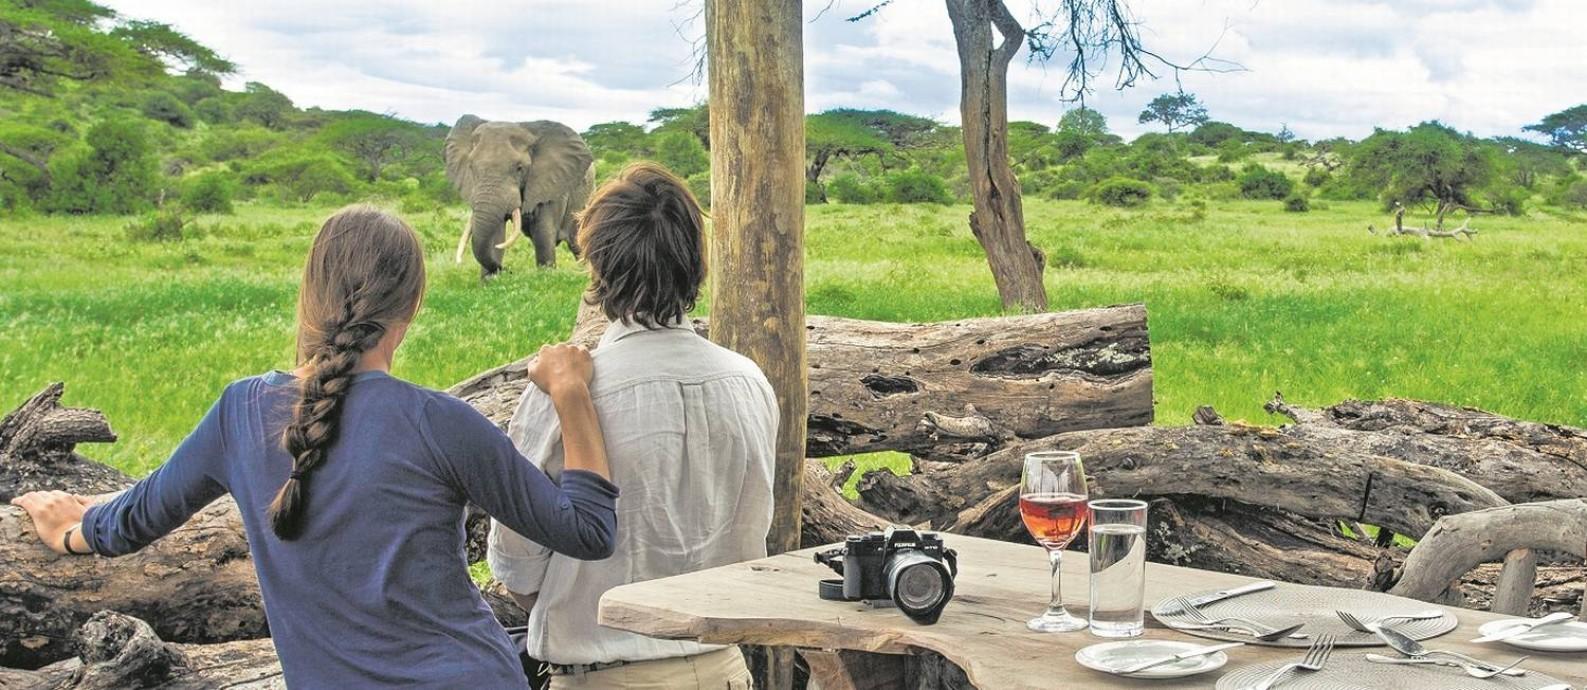 Turistas observam um elefante nos arredores de um camp no Quênia, um dos países africanos que se destacam nos safáris sustentáveis Foto: Andrew Howard / Divulgação